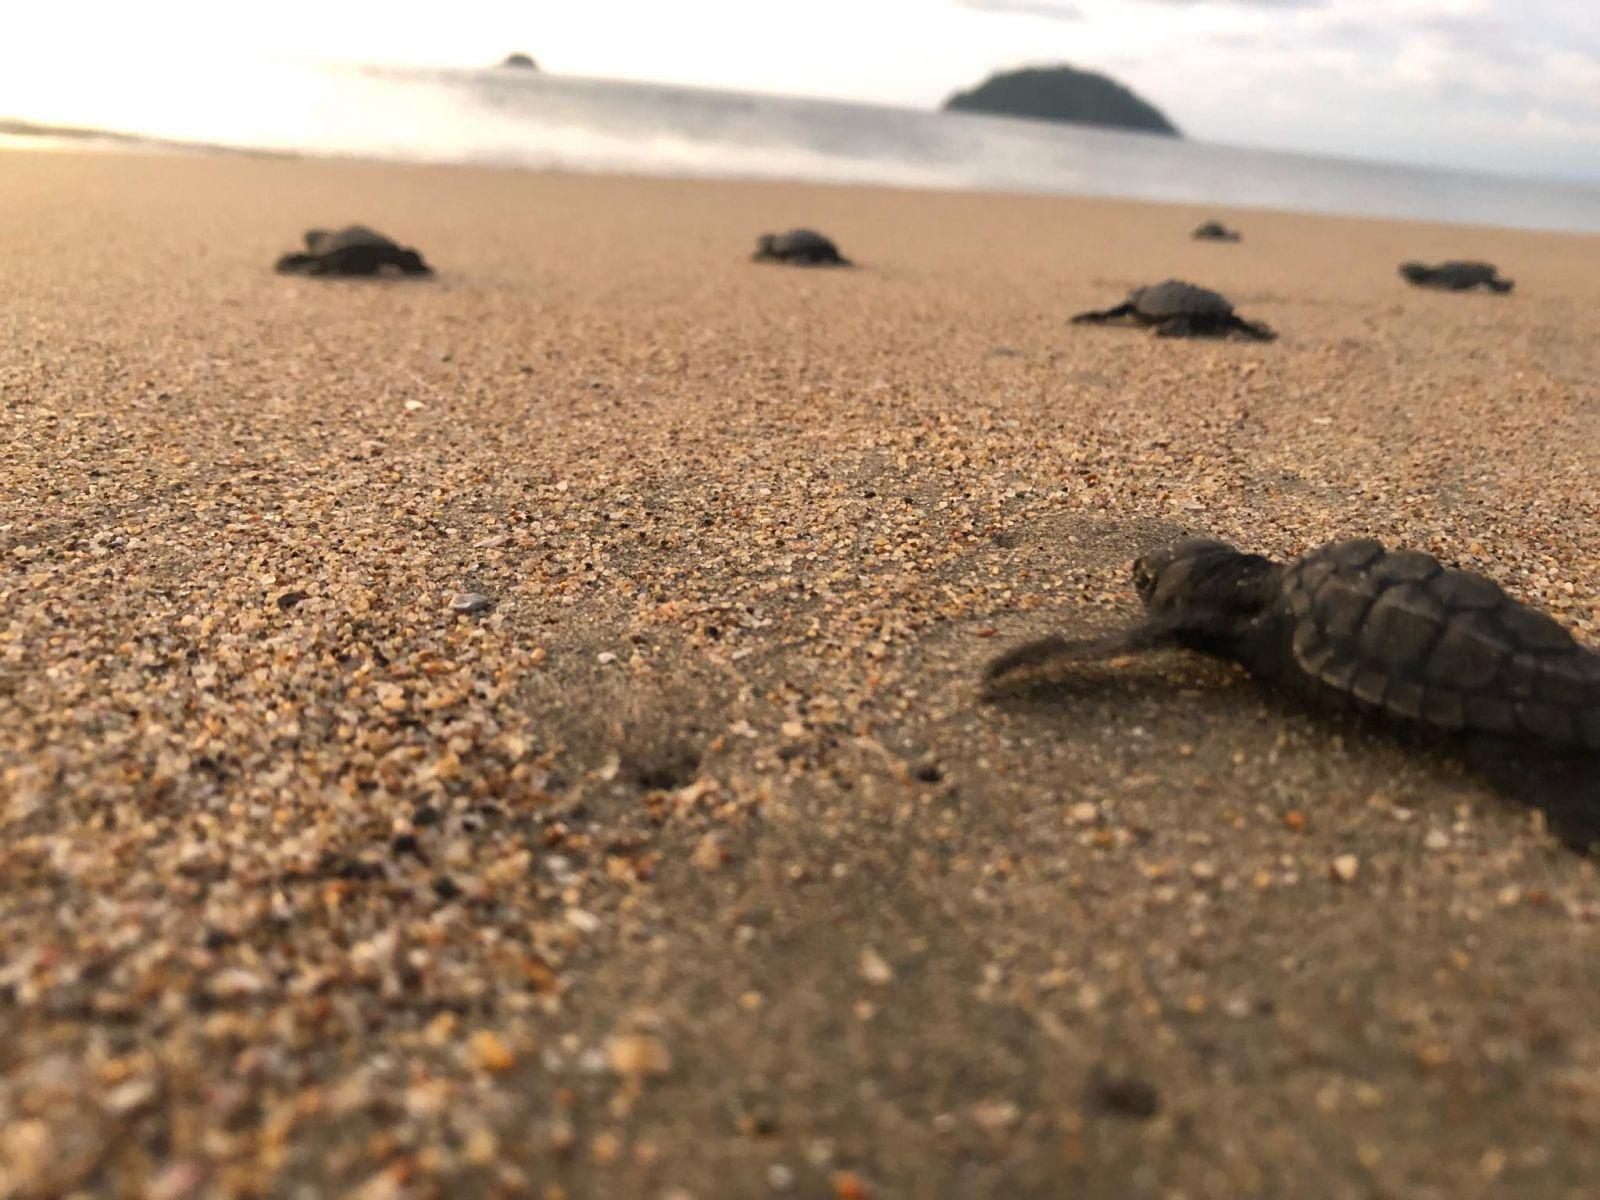 Bola v Mexiku zachraňovať korytnačky, no nestihla let domov. Študenti z Mlynov sa jej vyzbierali na letenku